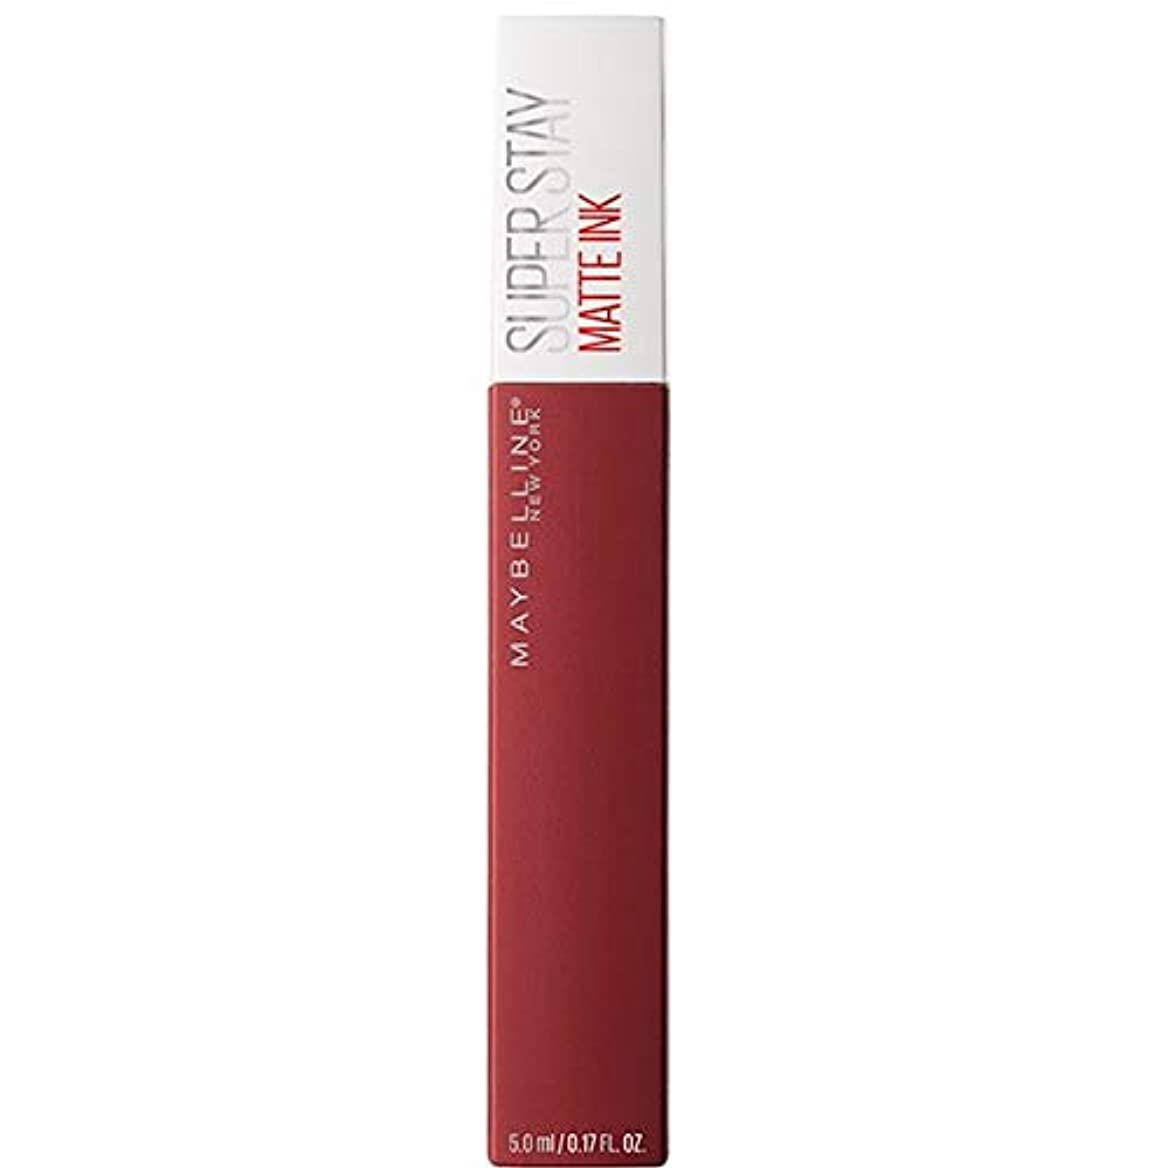 シールドキャリア経験者[Maybelline ] メイベリンSuperstayマットインク液50ボイジャー - Maybelline Superstay Matte Ink Liquid 50 Voyager [並行輸入品]